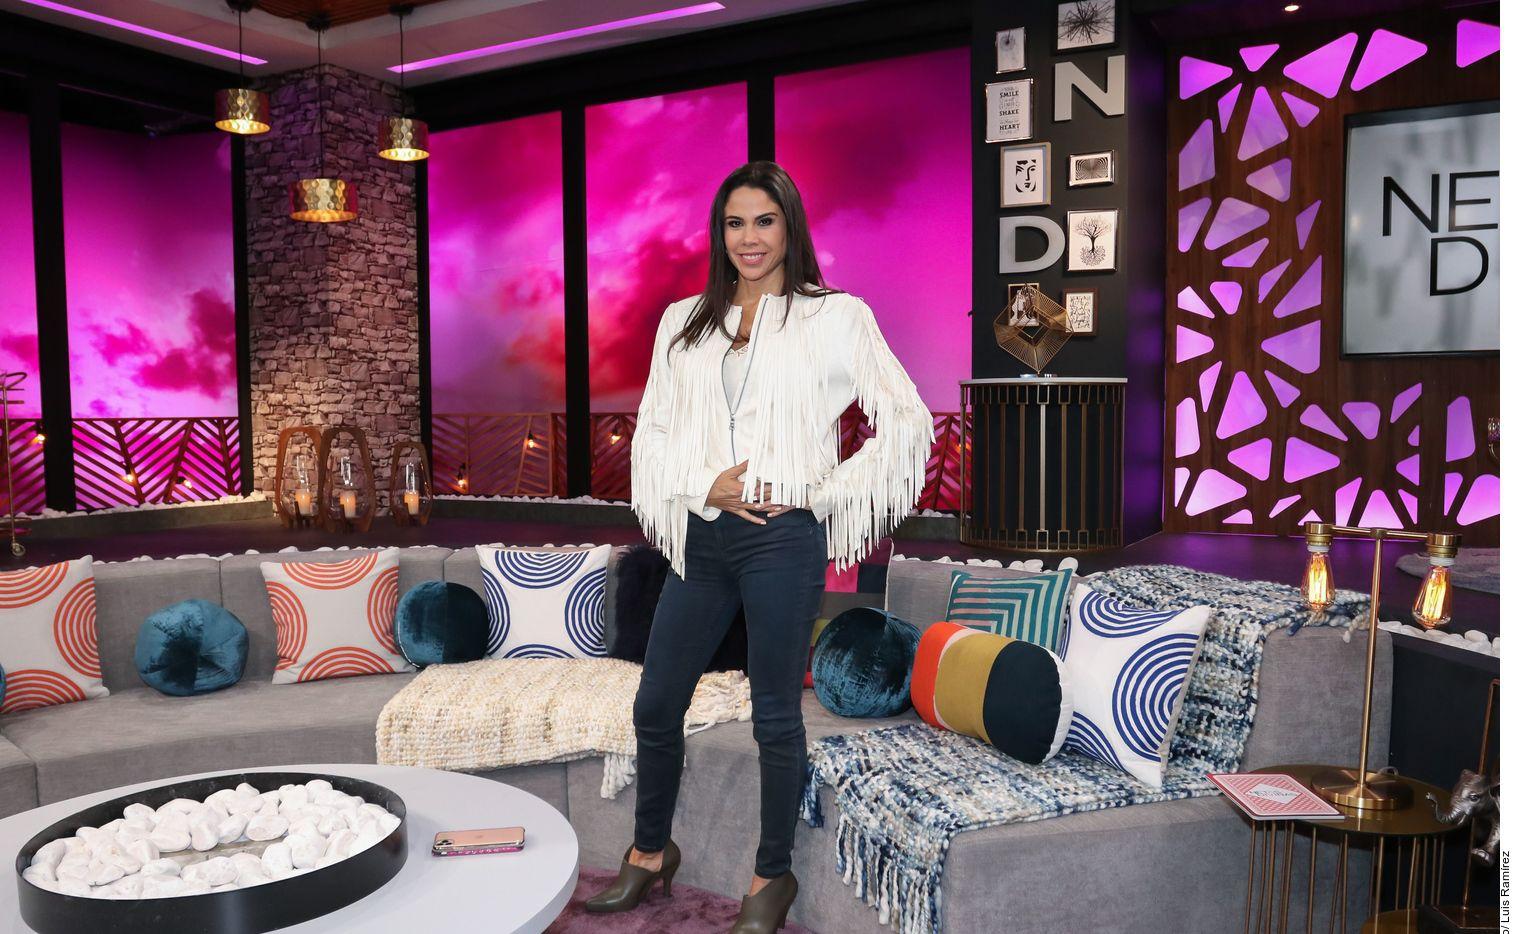 La periodista Paola Rojas le concedió una entrevista a Yordi Rosado para su programa La Última y nos Vamos donde habló del video erótico de Zague.